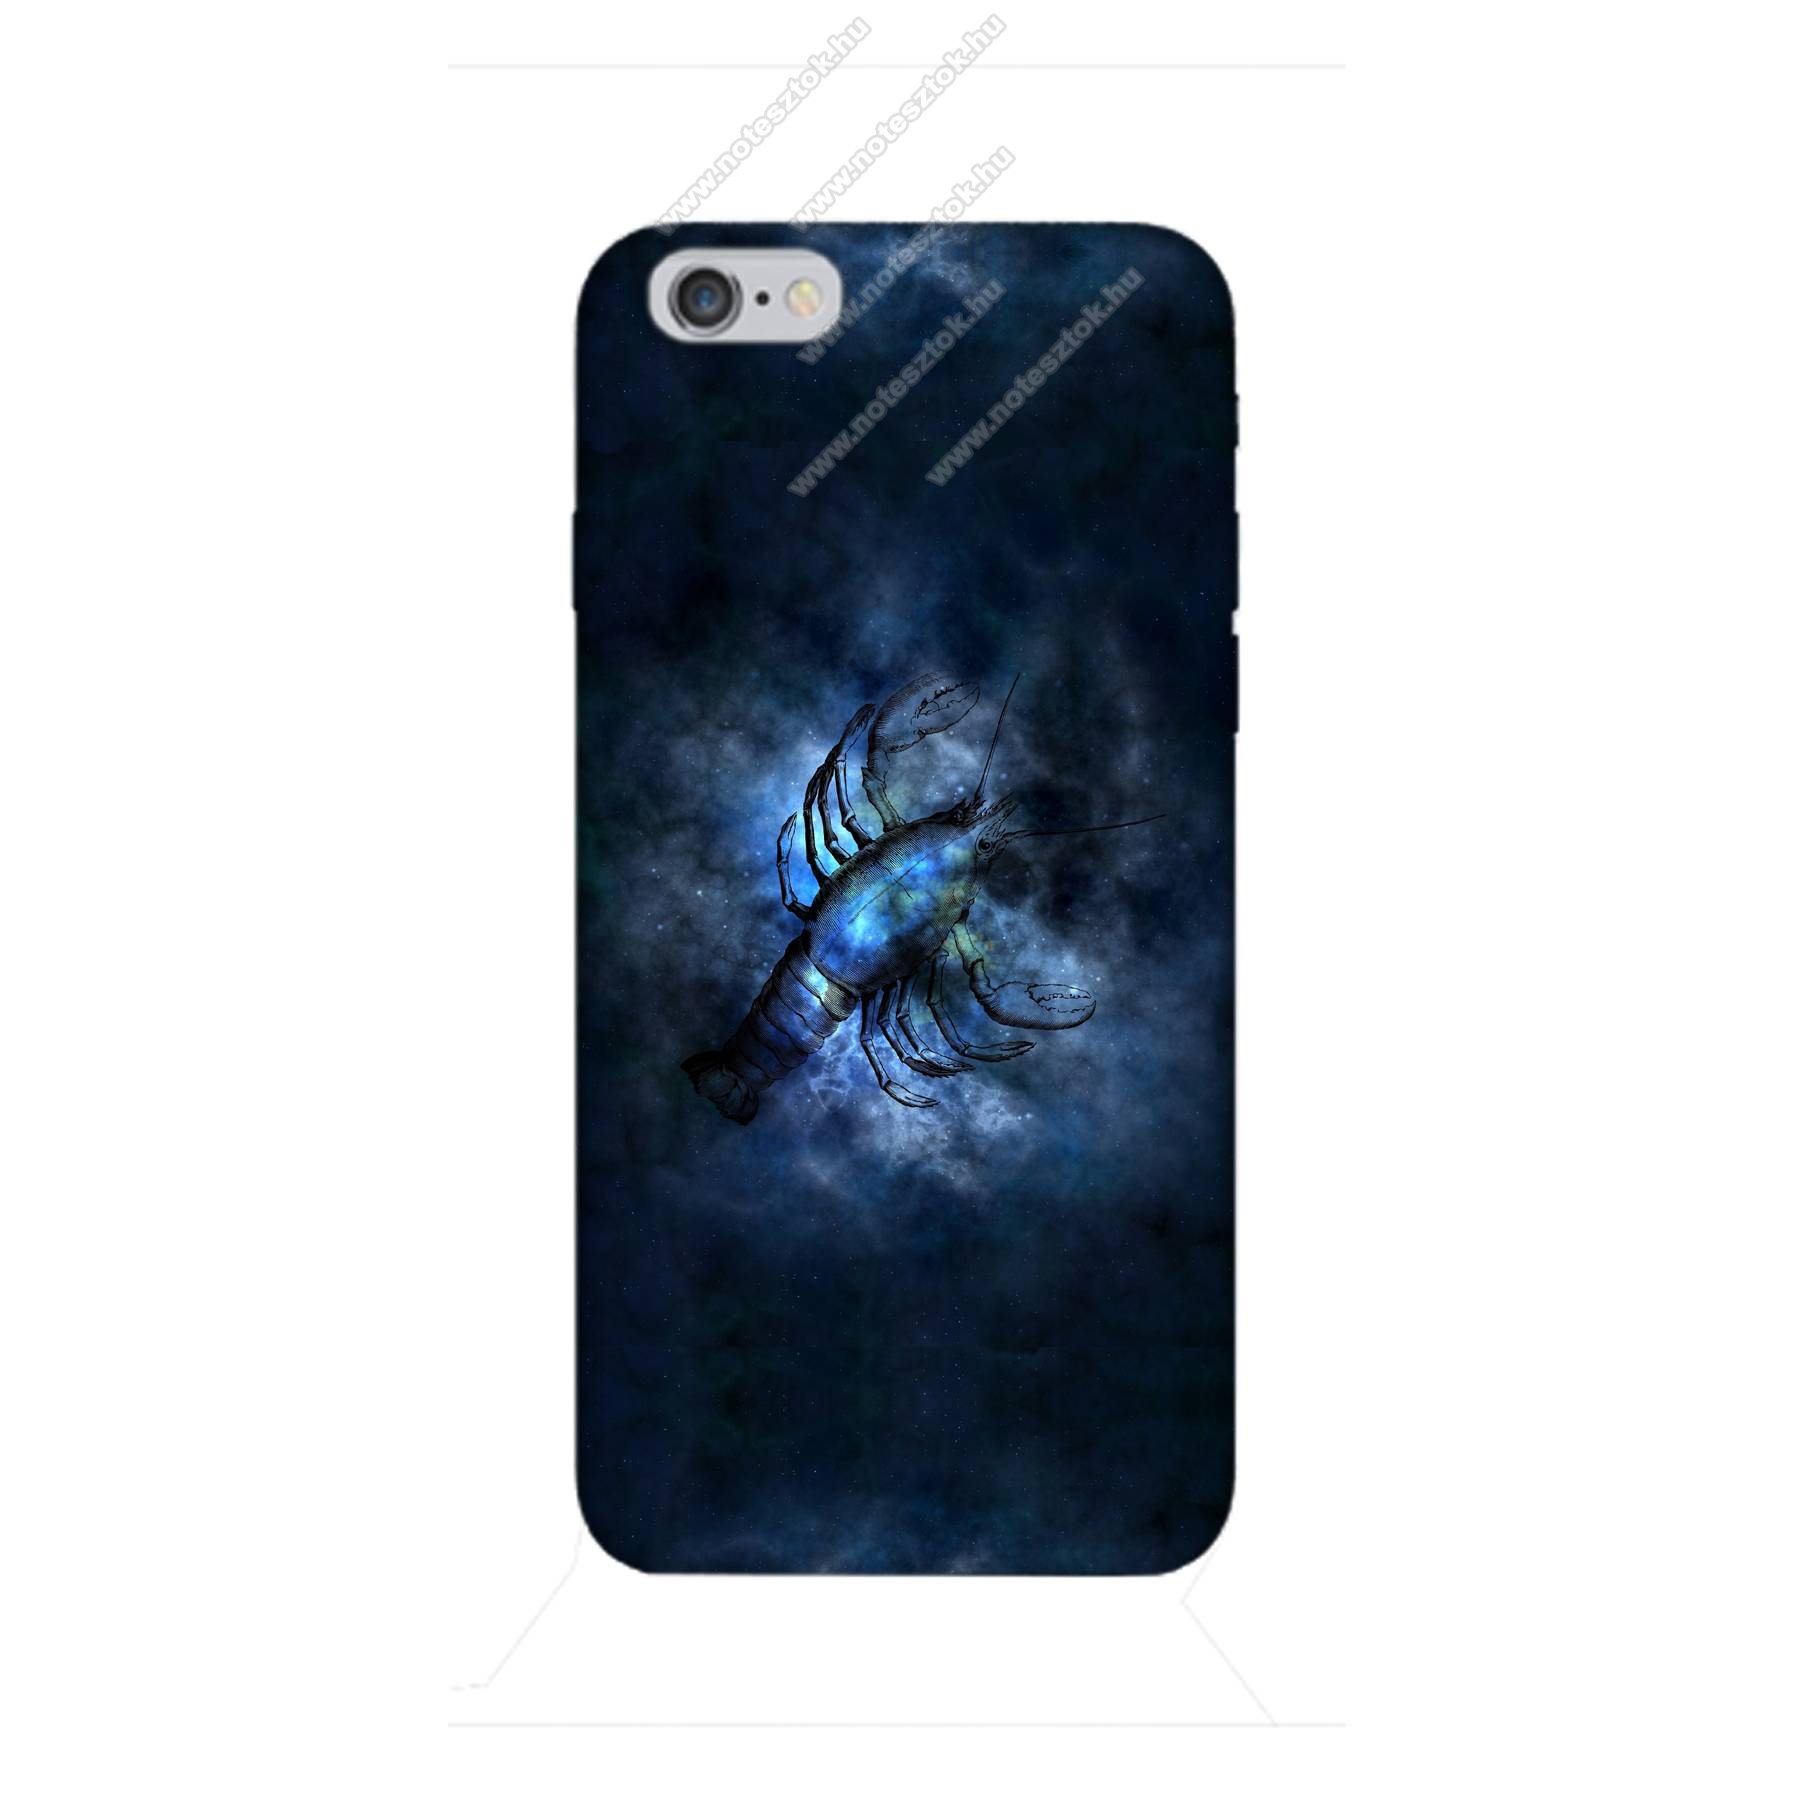 E-pic szilikon védő tok / hátlap - Horoszkóp, Rák mintás - APPLE iPhone 6 / APPLE iPhone 6s